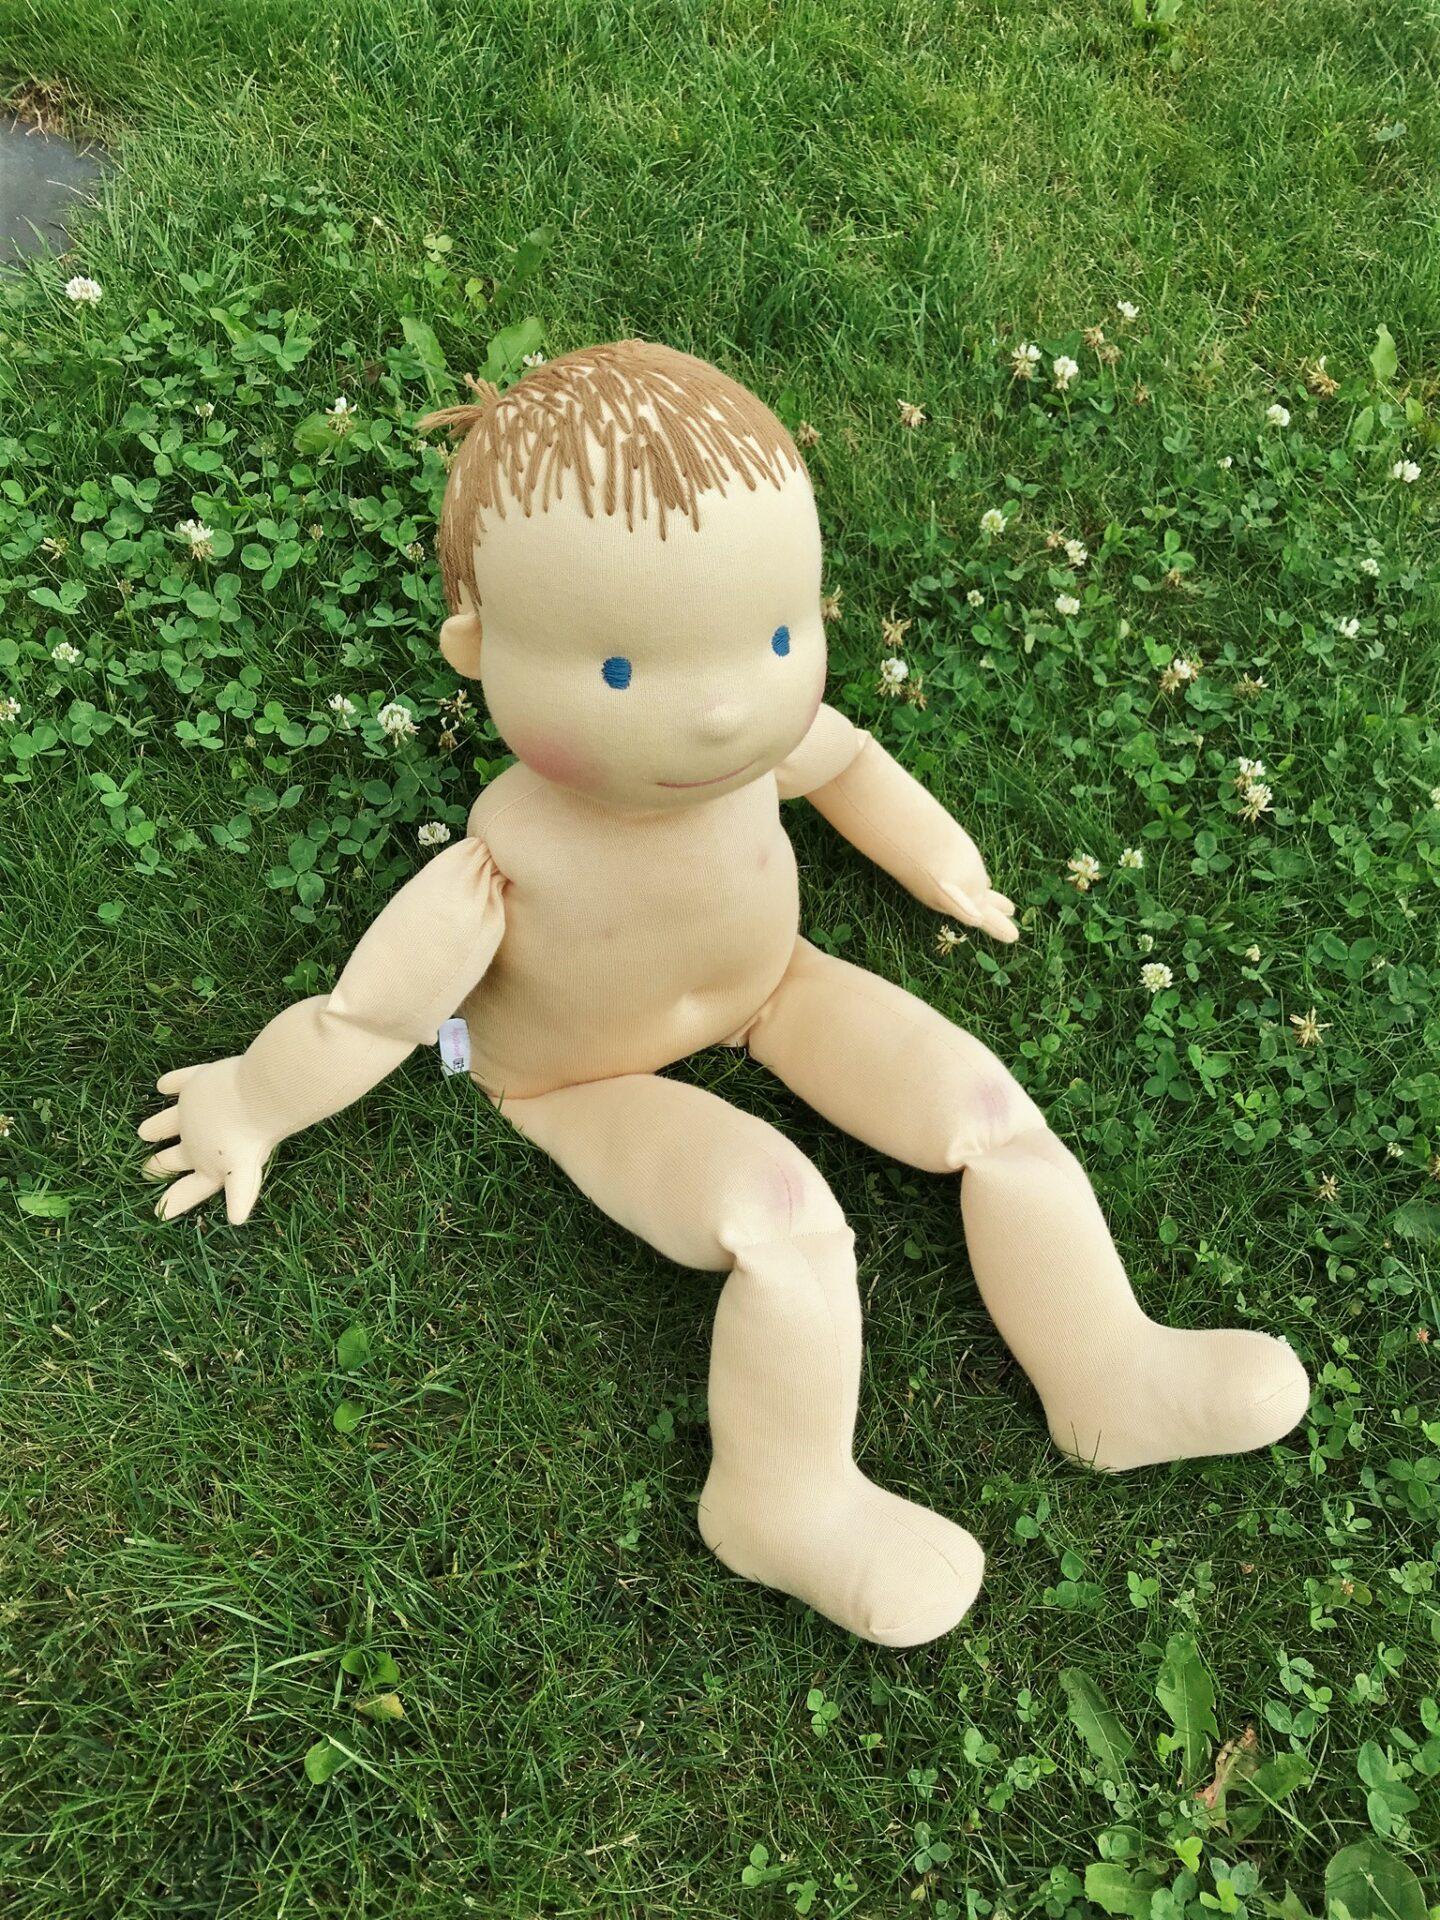 Demo figurína si hoví v trávě